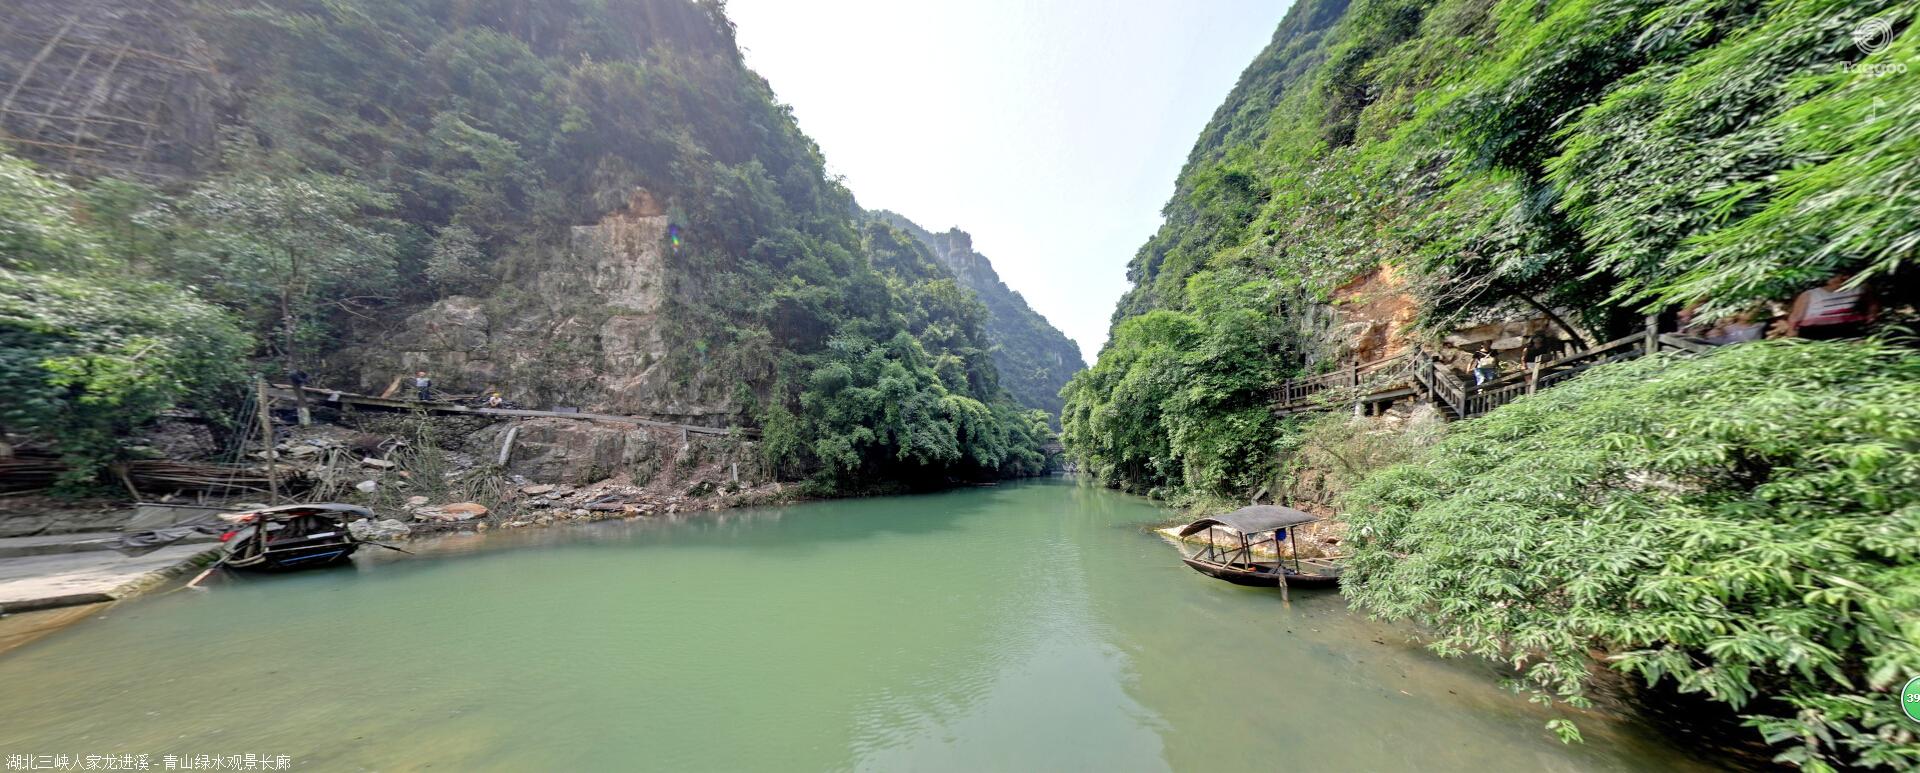 【VR】湖北宜昌三峡人家龙进溪景区